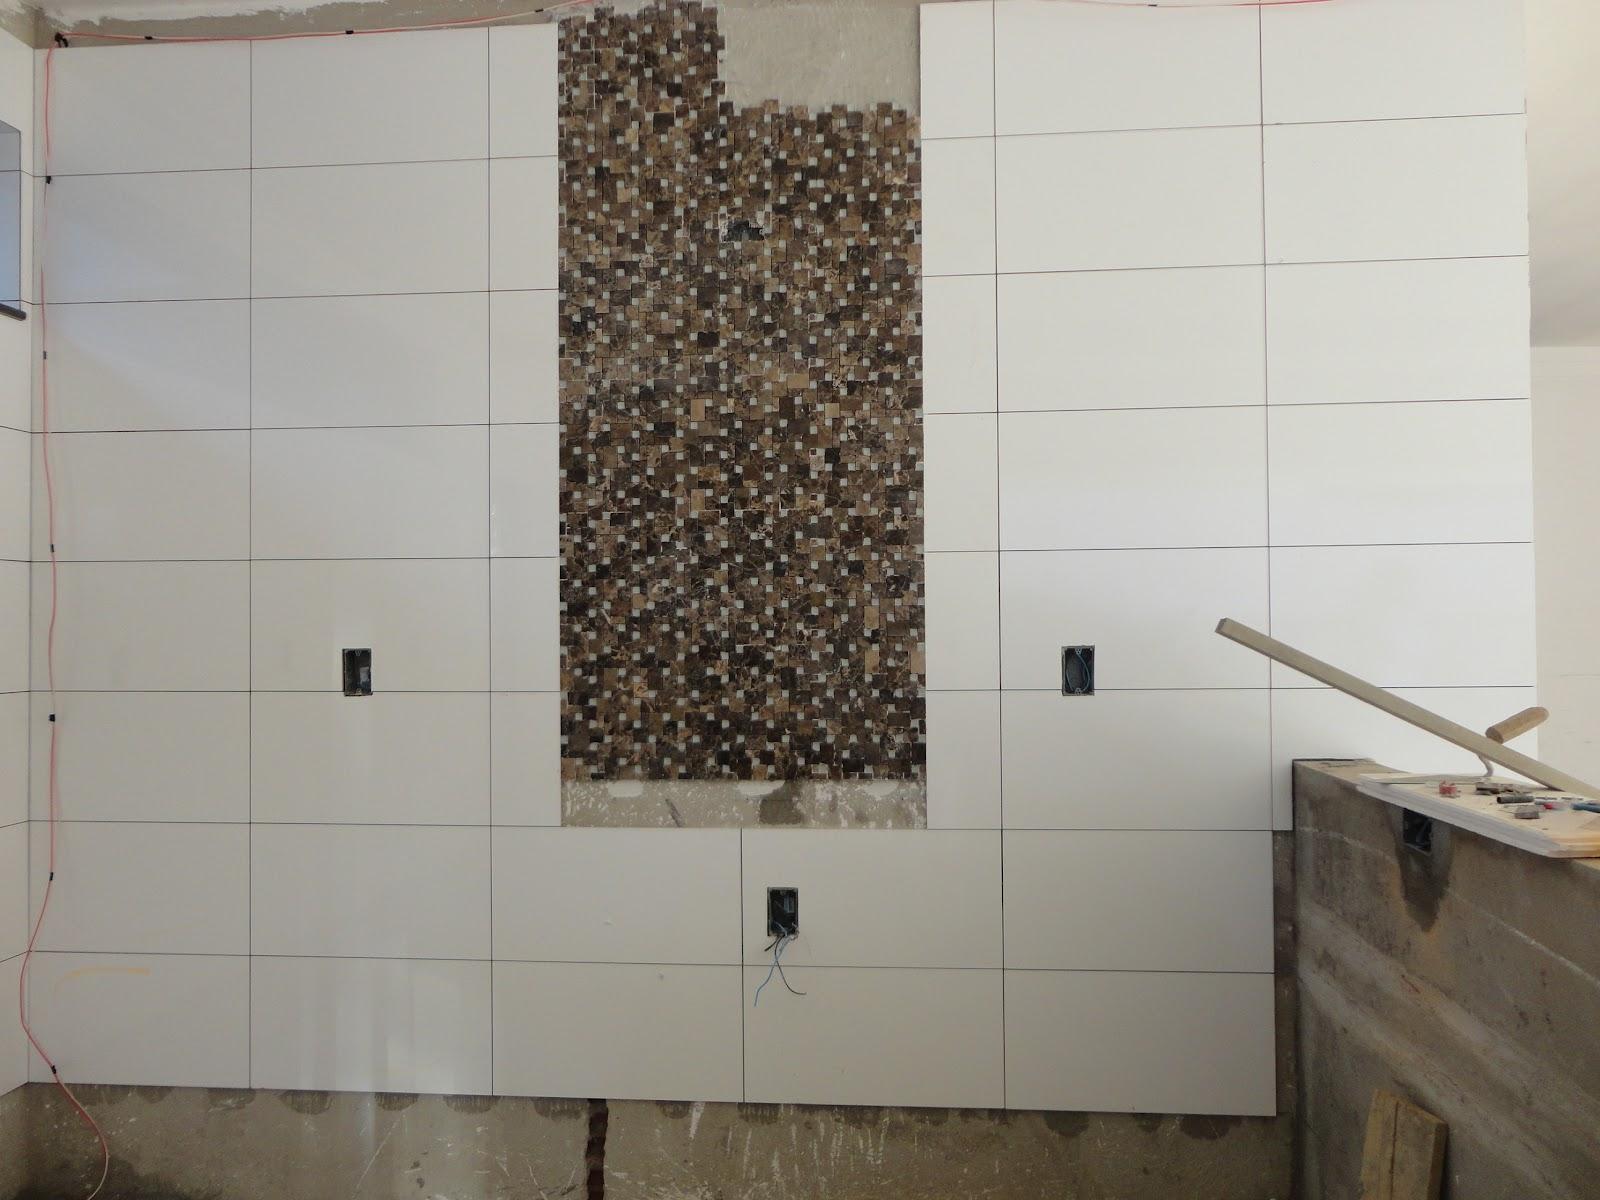 nossa casa nosso sonho : balcão da cozinha e revestimento e gesso #41372C 1600 1200